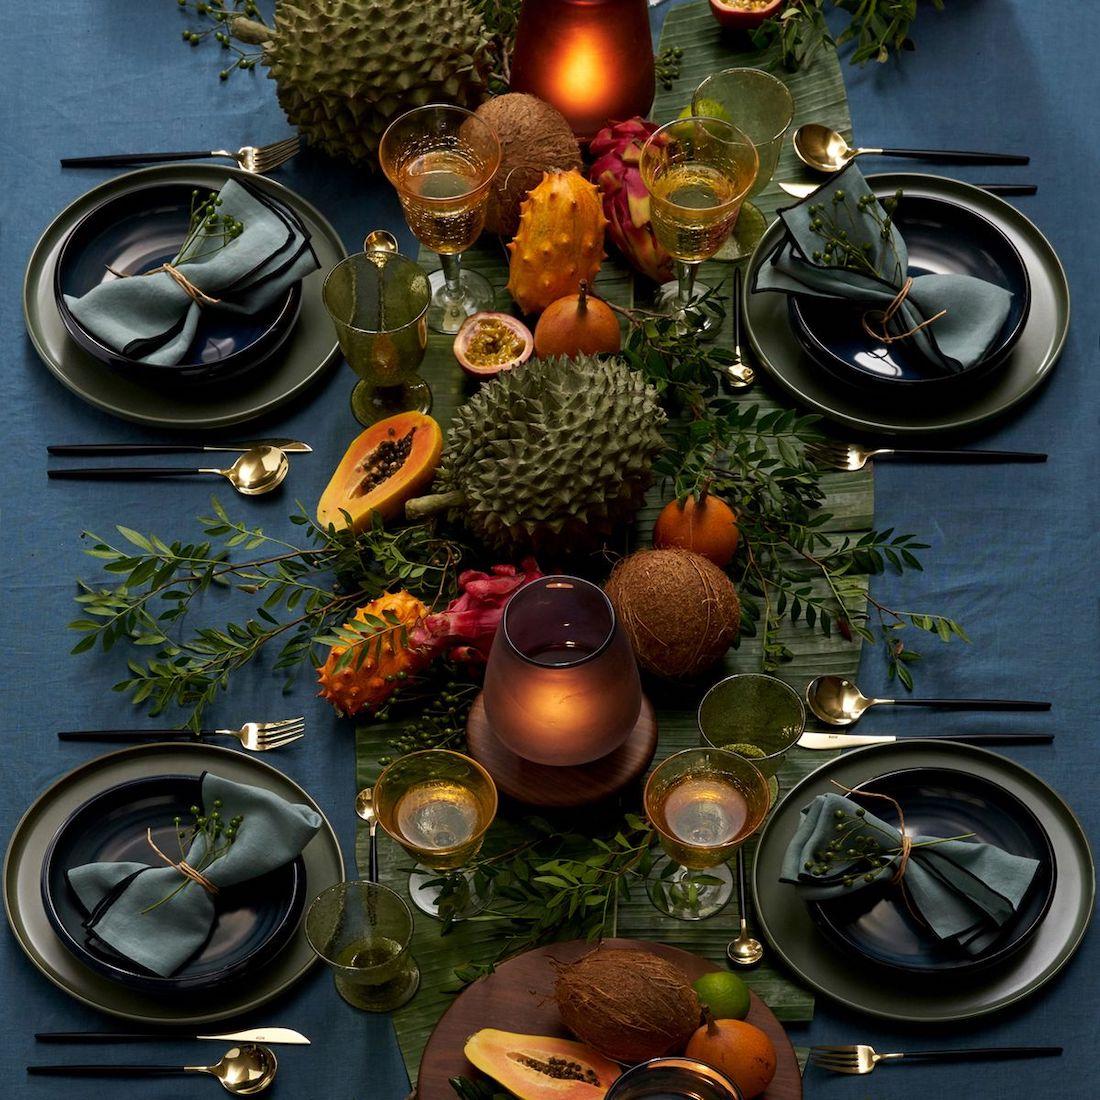 déco table sobre élégant sombre noël couvert laiton